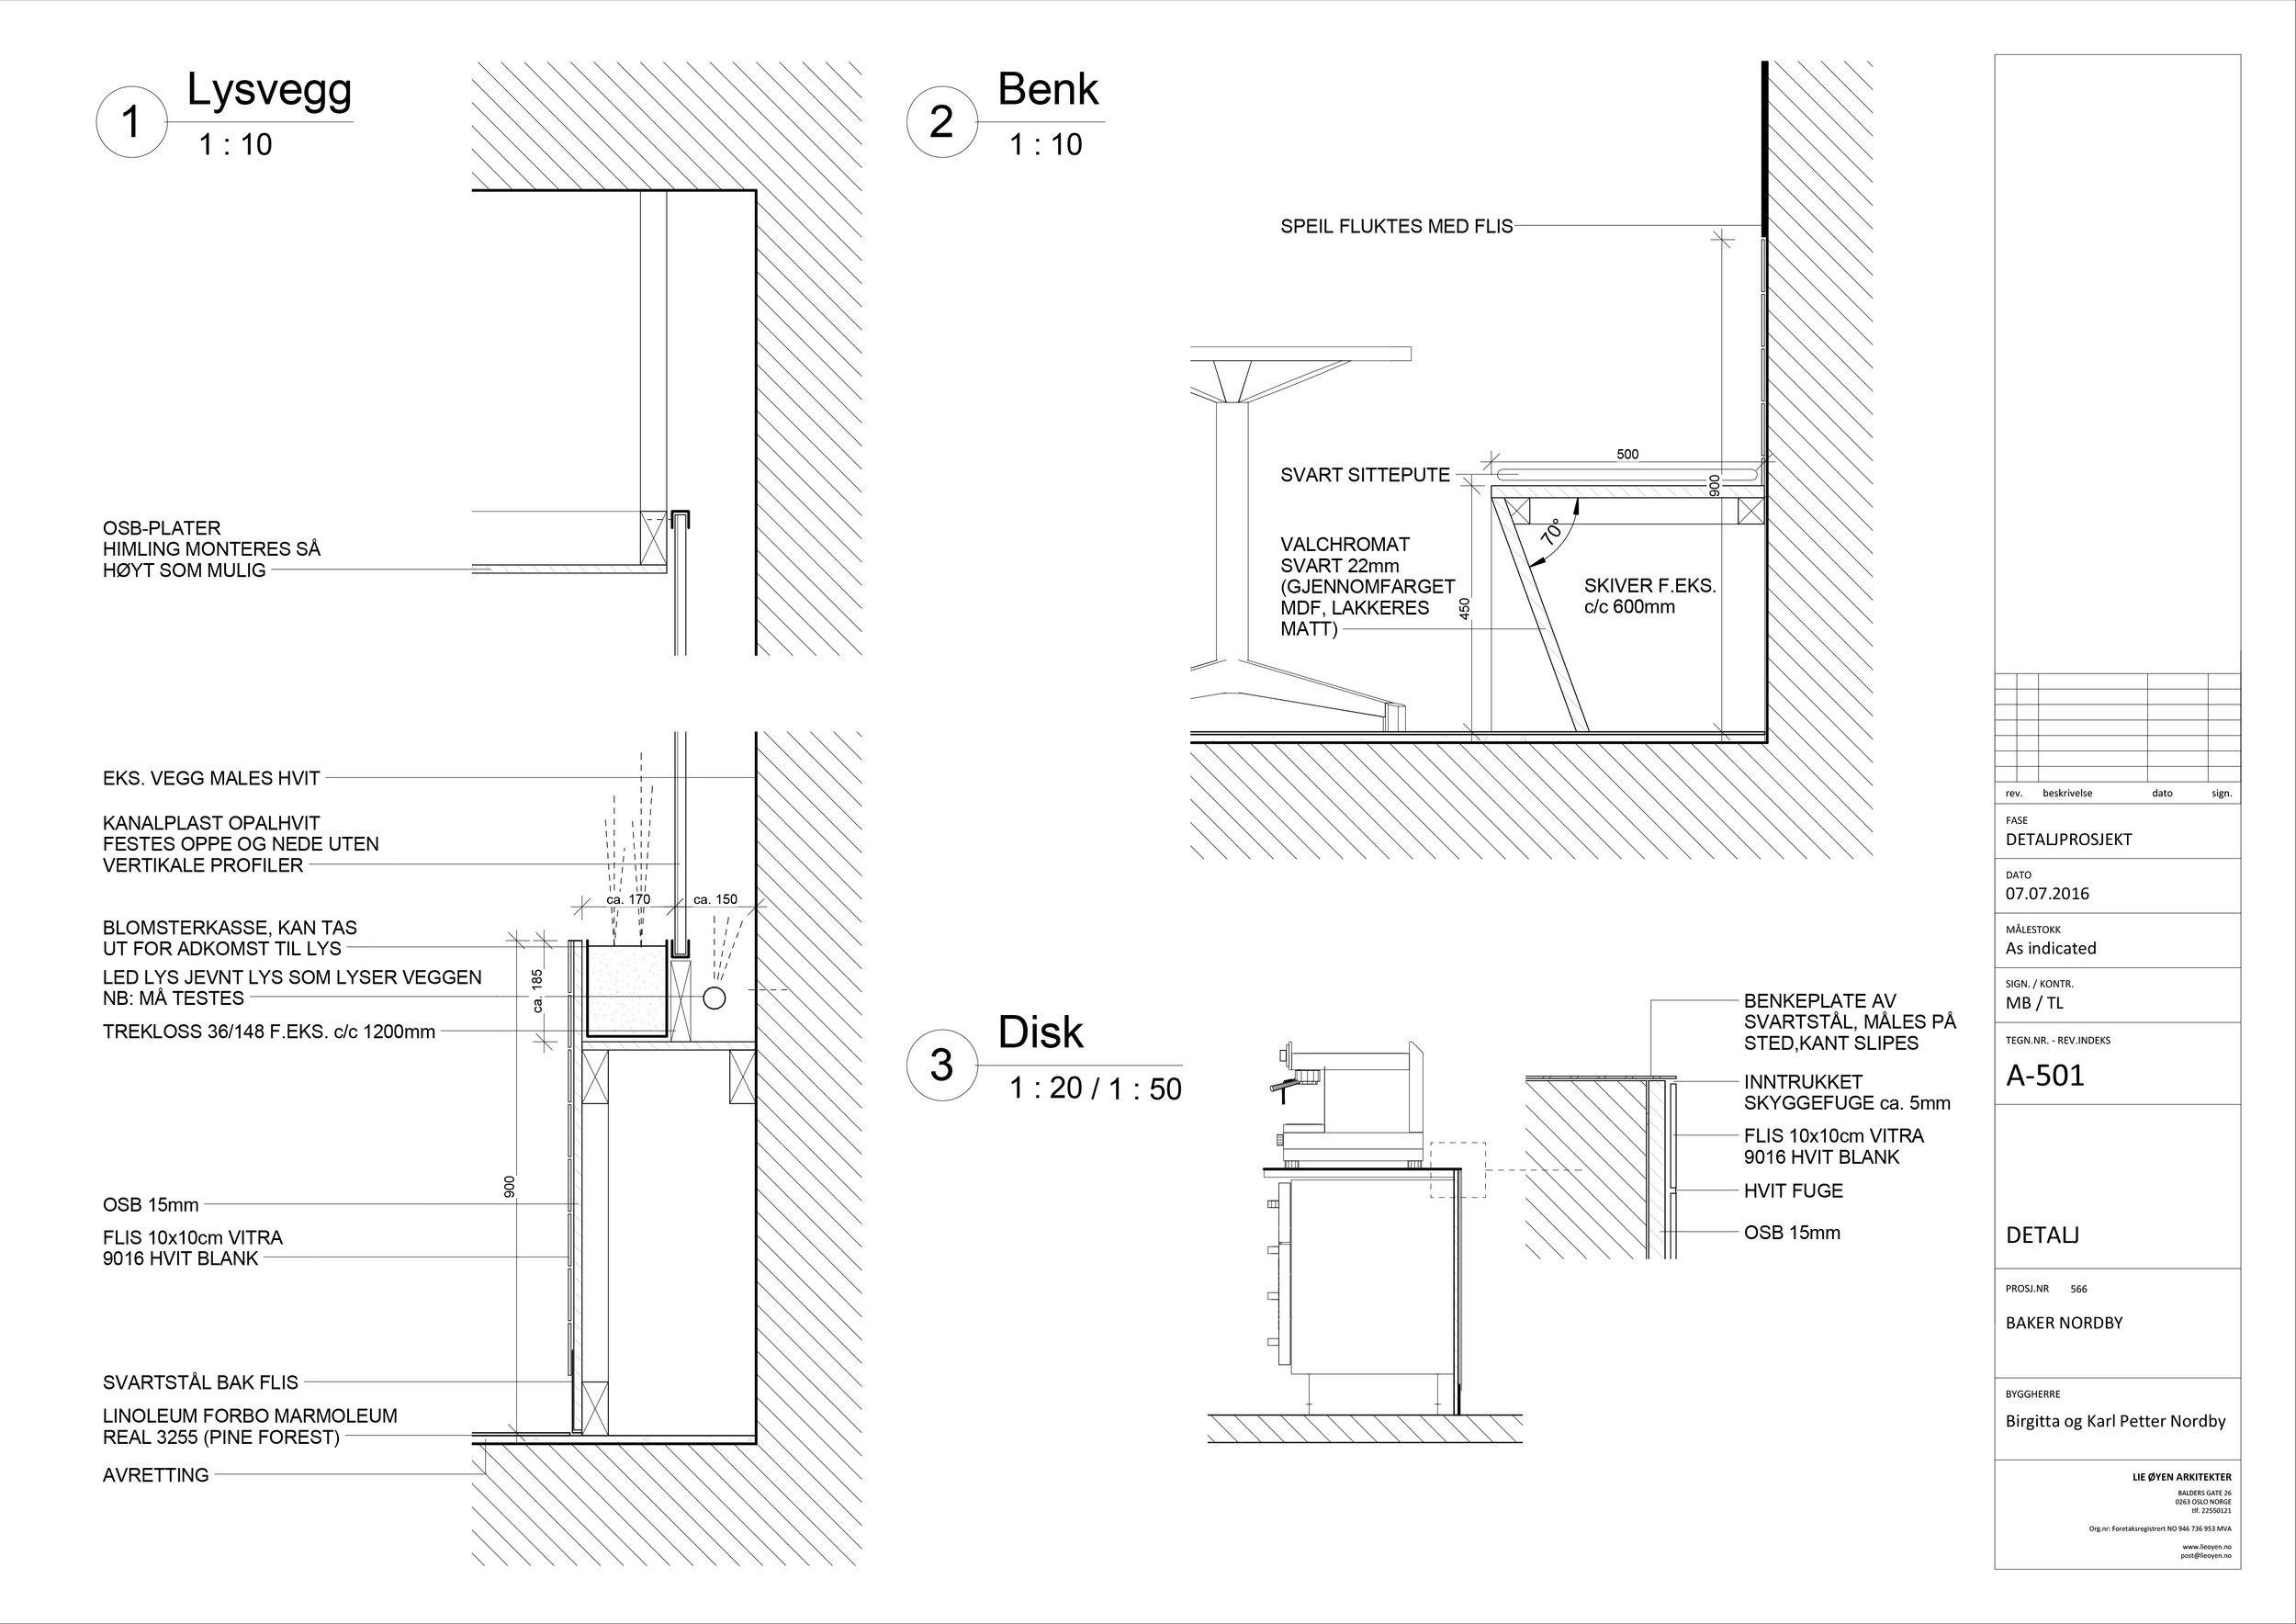 A-501_detalj.jpg